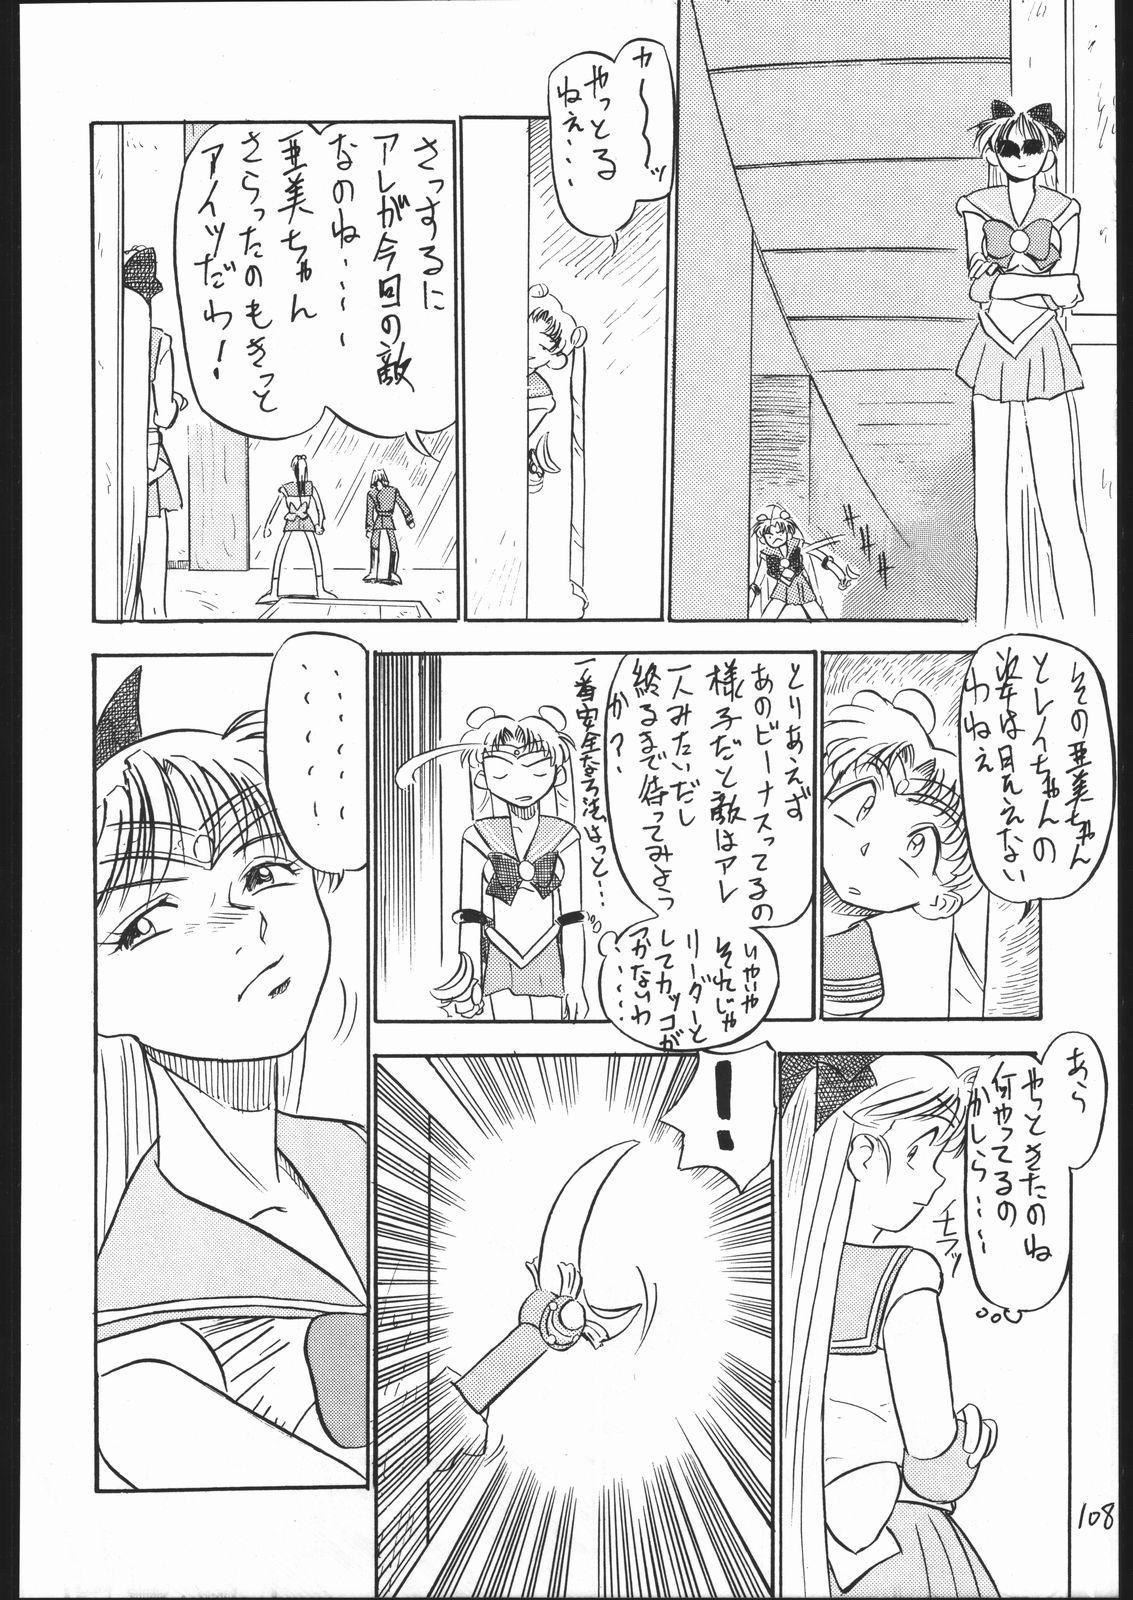 V・H・S・M Vol. 1 106